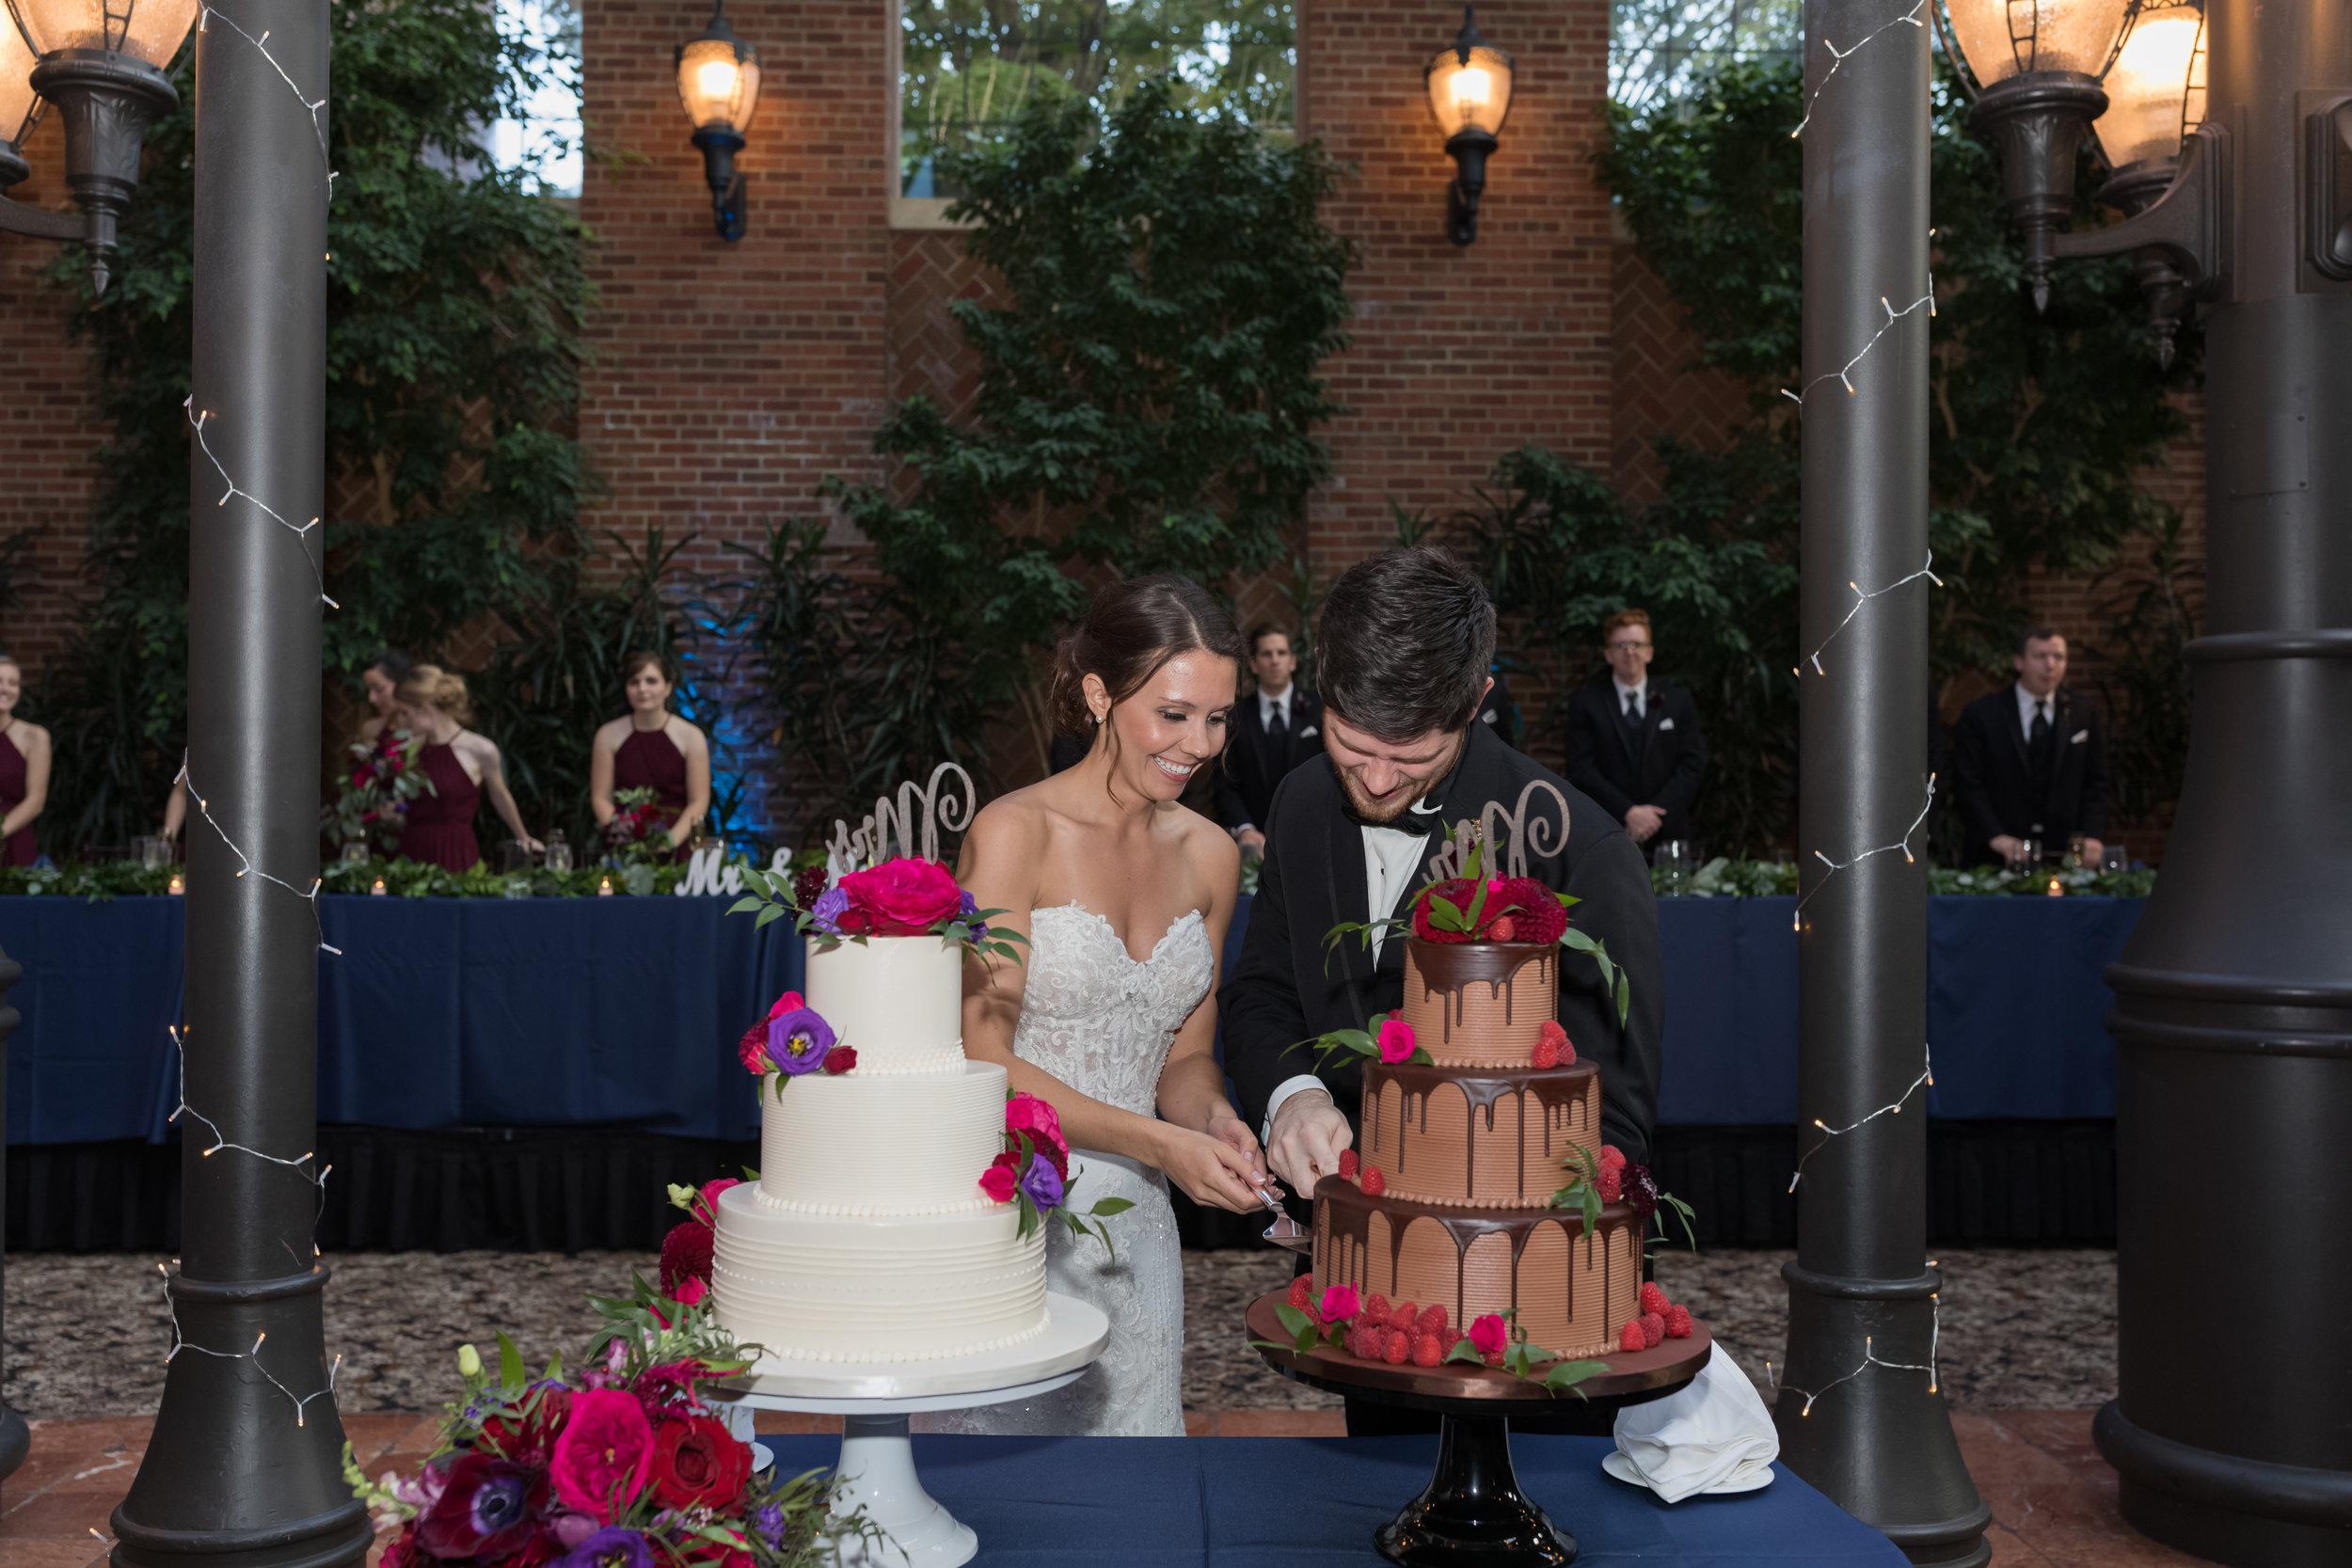 shareyah_John_detroit_wedding_preview_060.JPG